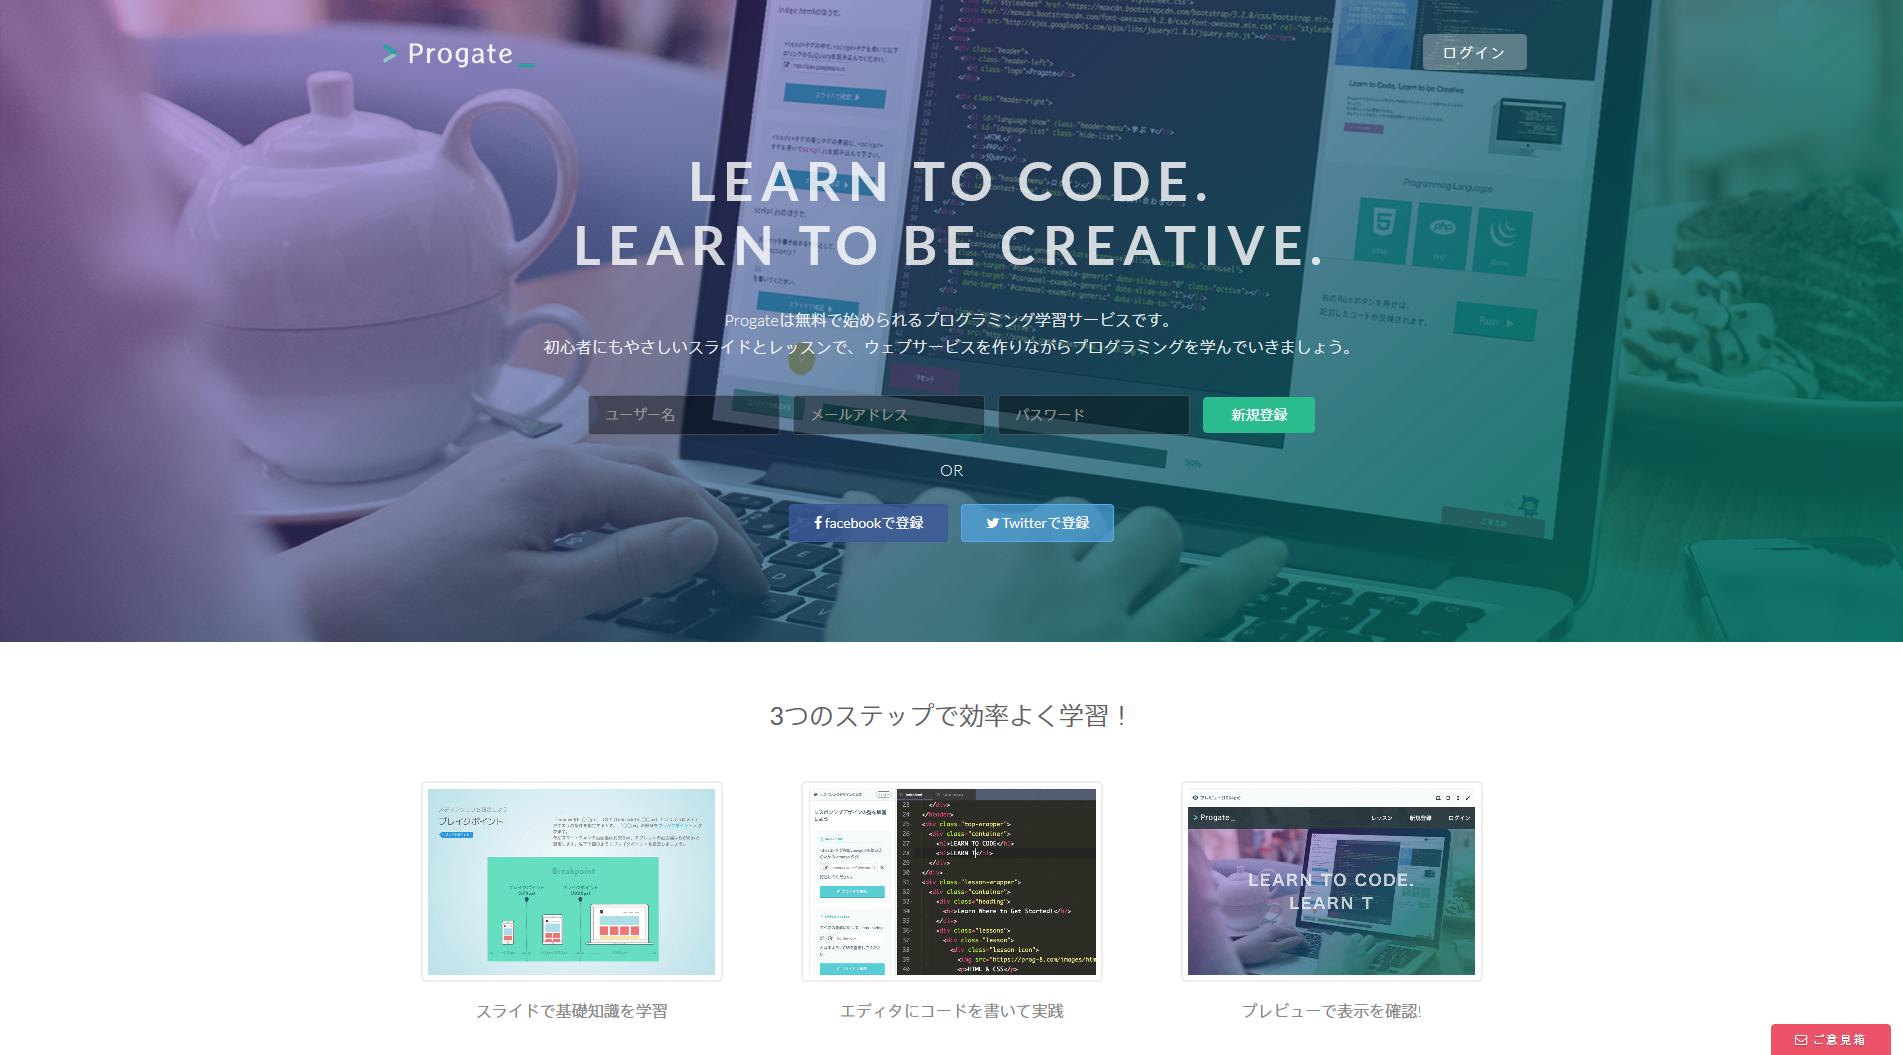 Progate プログラミングの入門なら基礎から学べるProgate (プロゲート)